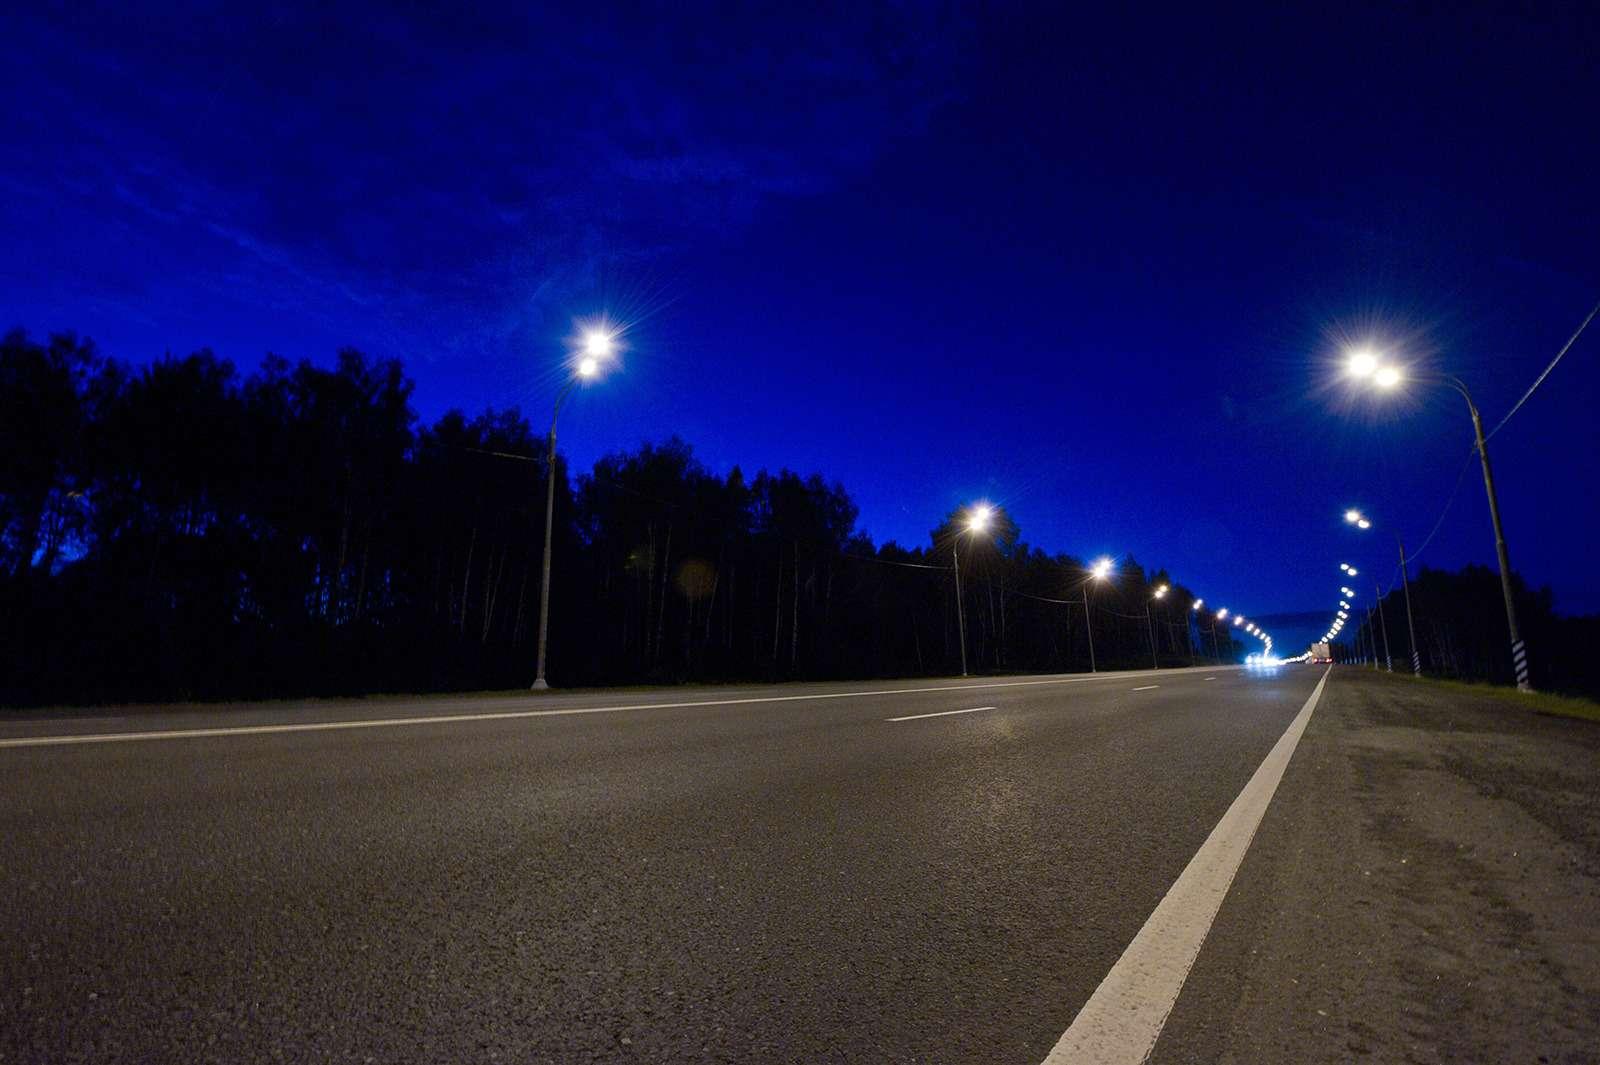 6xUrzNtYu1 28XkQKADV4g - Медведев призвал строить больше «бетонок»